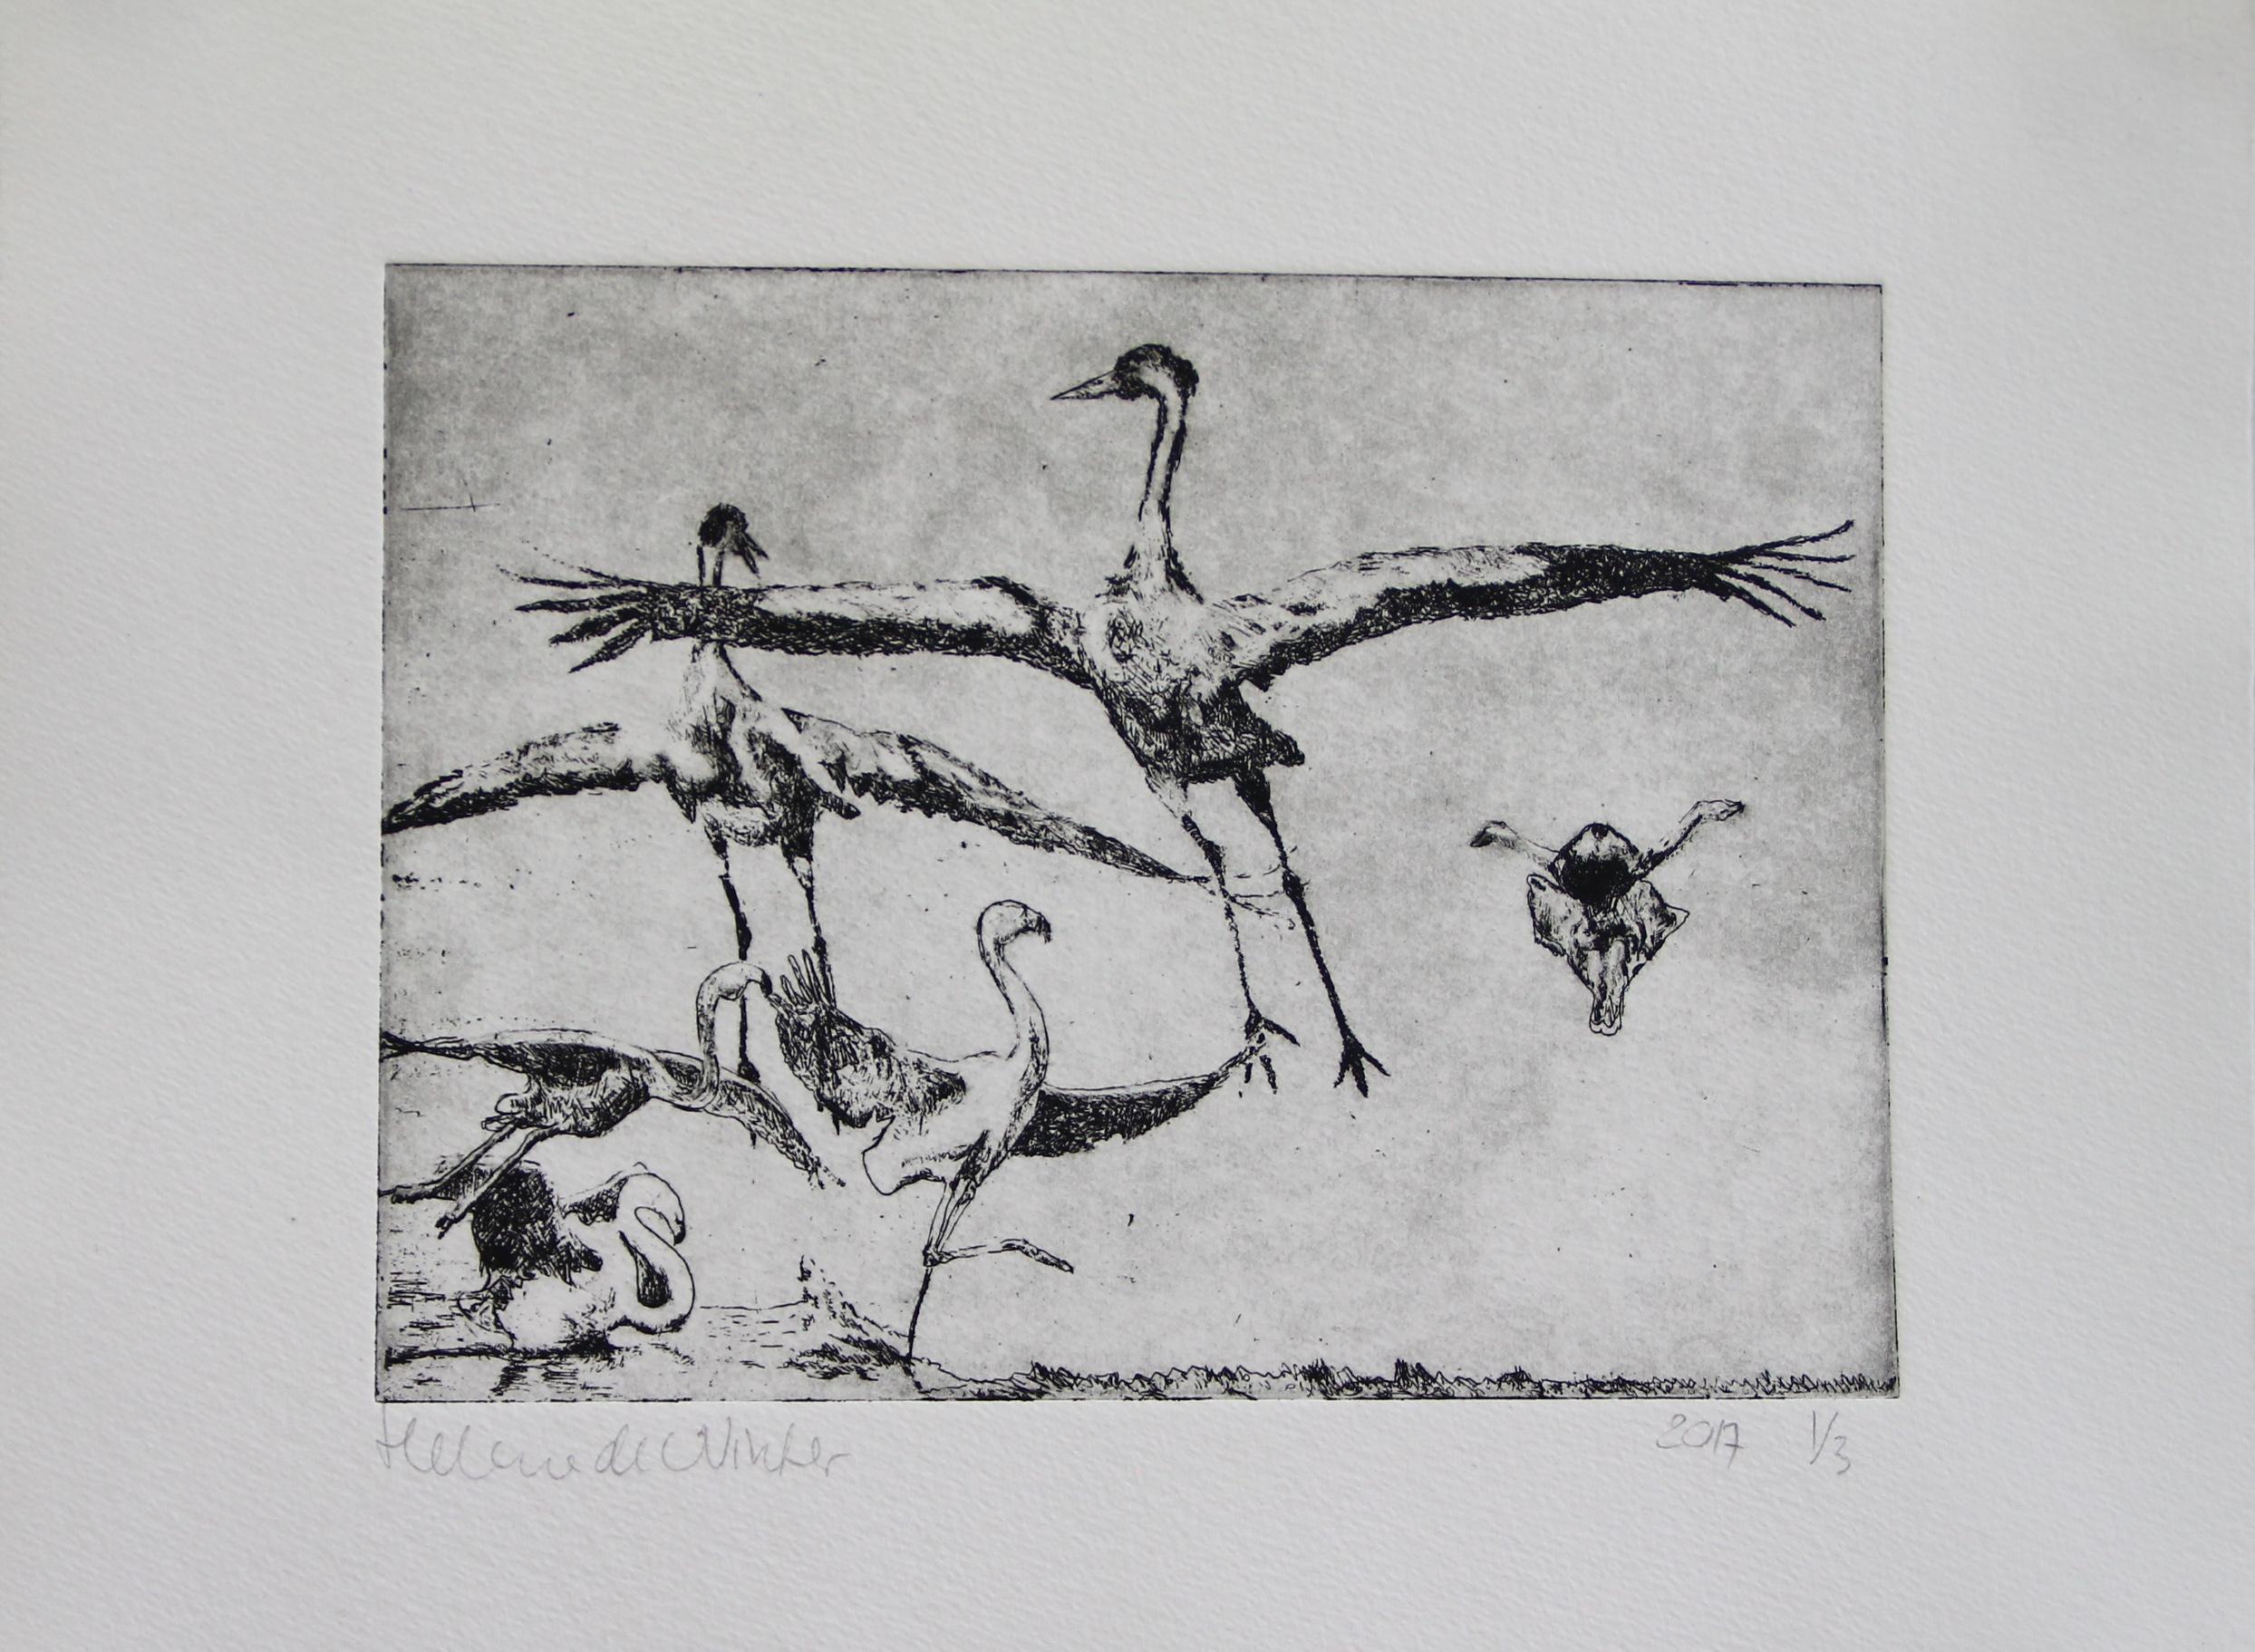 etching (aquatint)